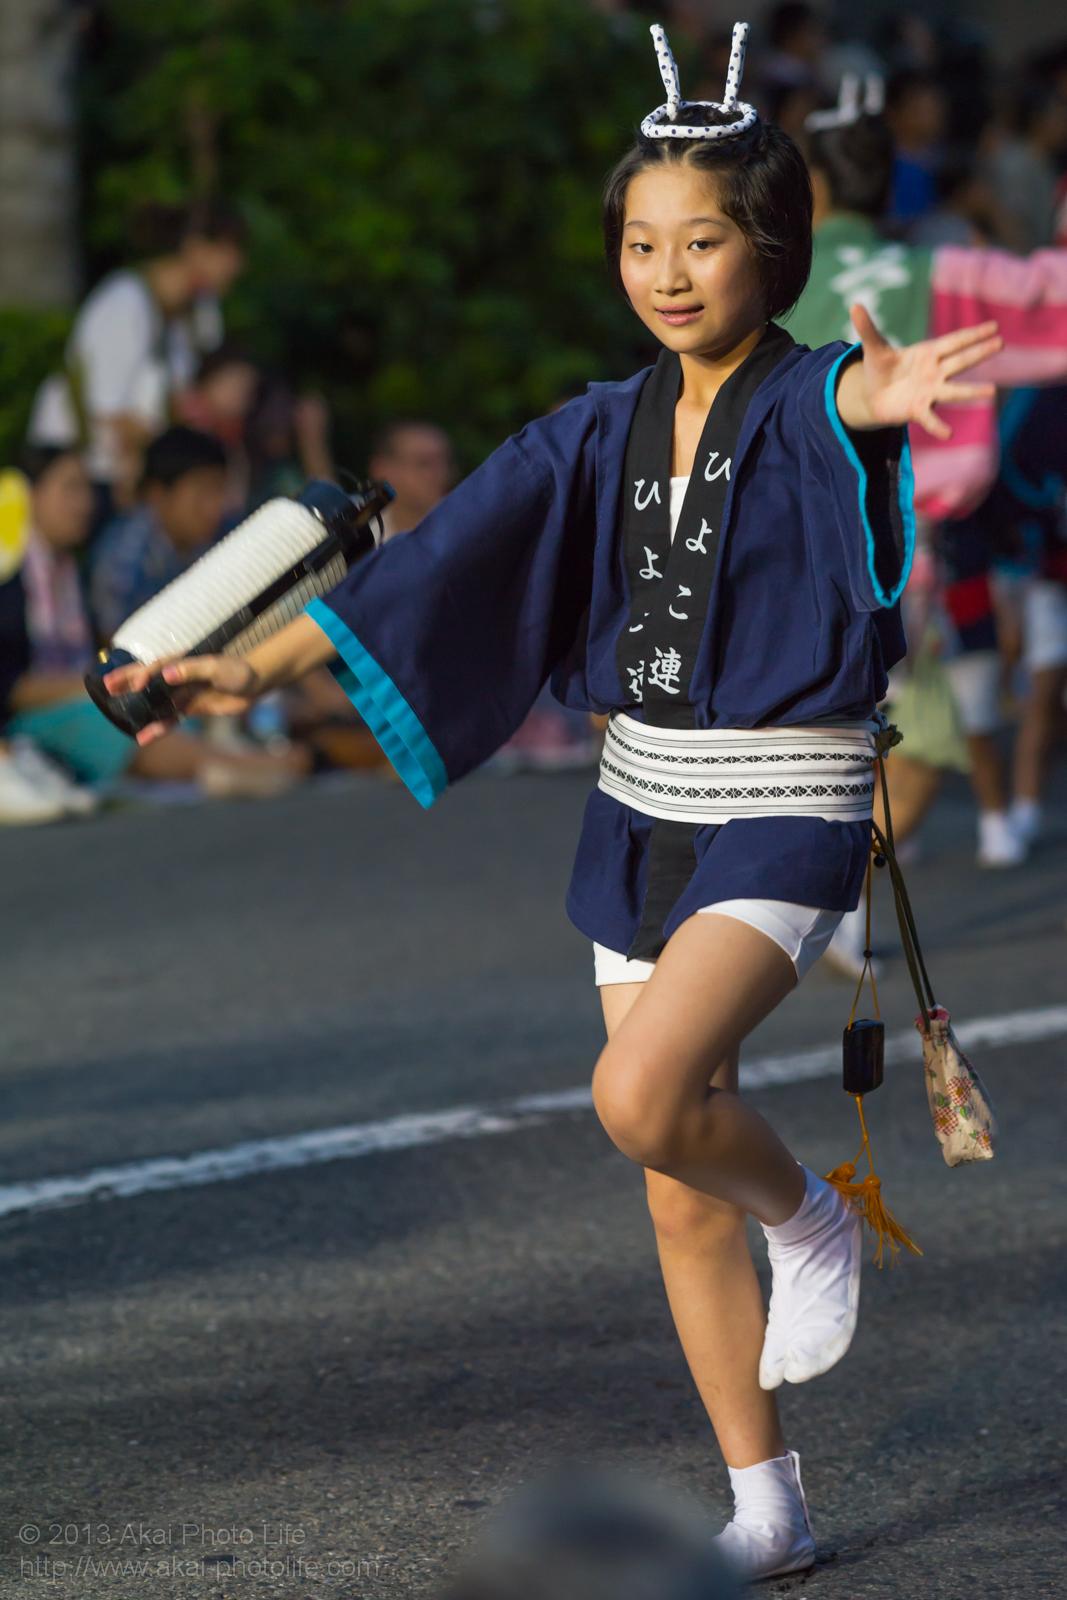 高円寺阿波踊り 美遊ひよこ連の女性による提灯を使った男踊り